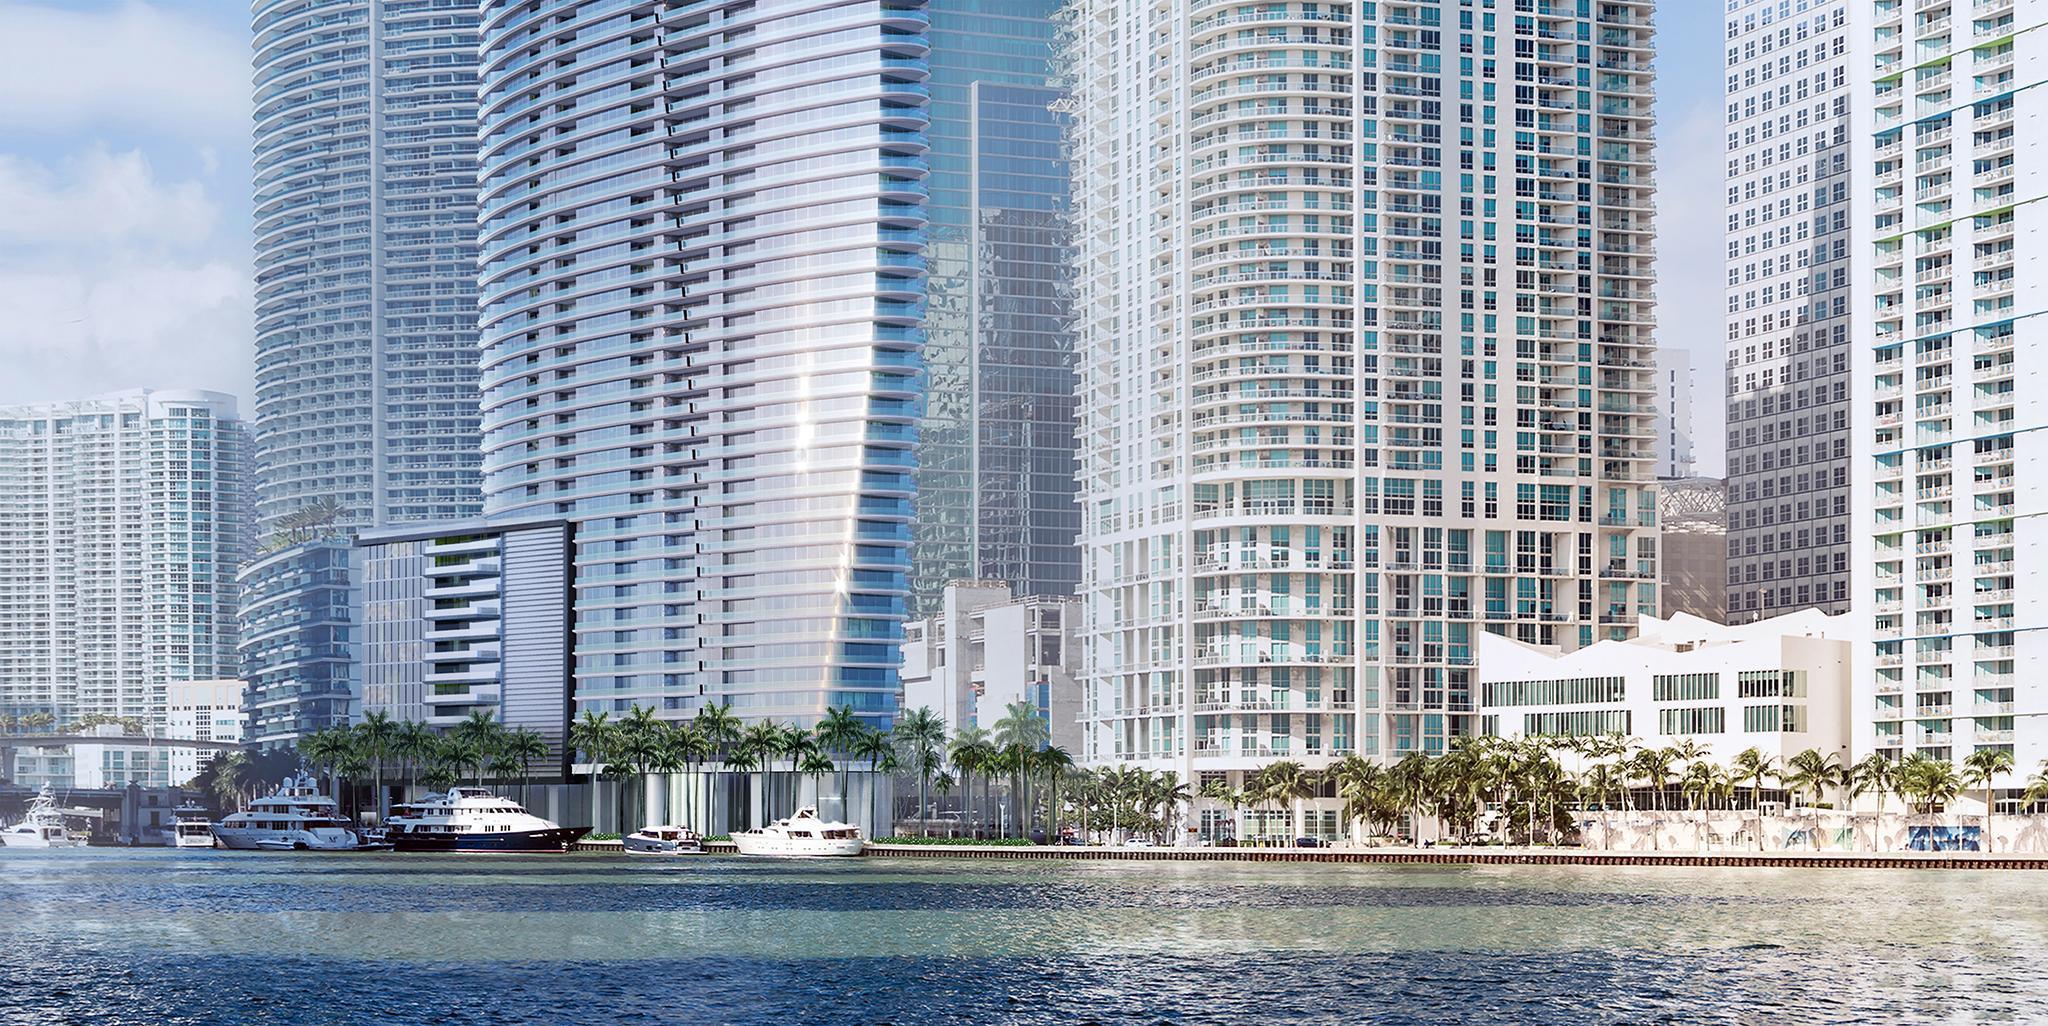 Aston Martin set to build luxury waterfront Miami tower